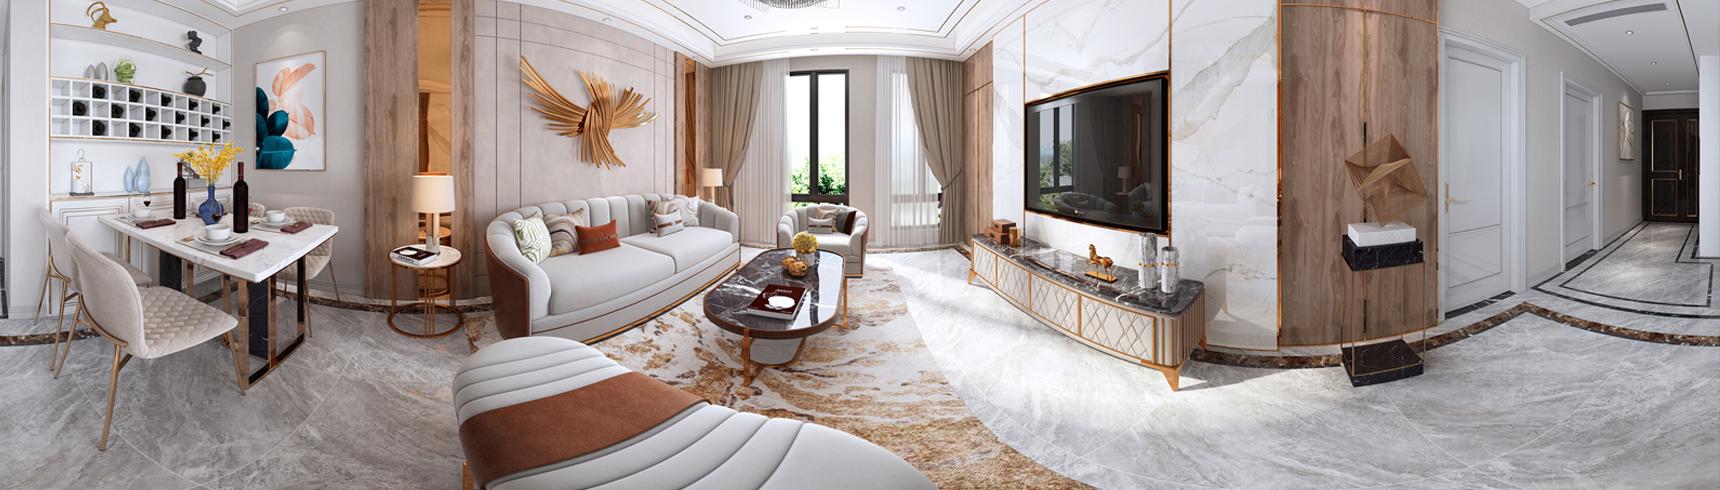 现代轻奢客厅 餐厅 轻奢客厅 沙发茶几3D模型下载